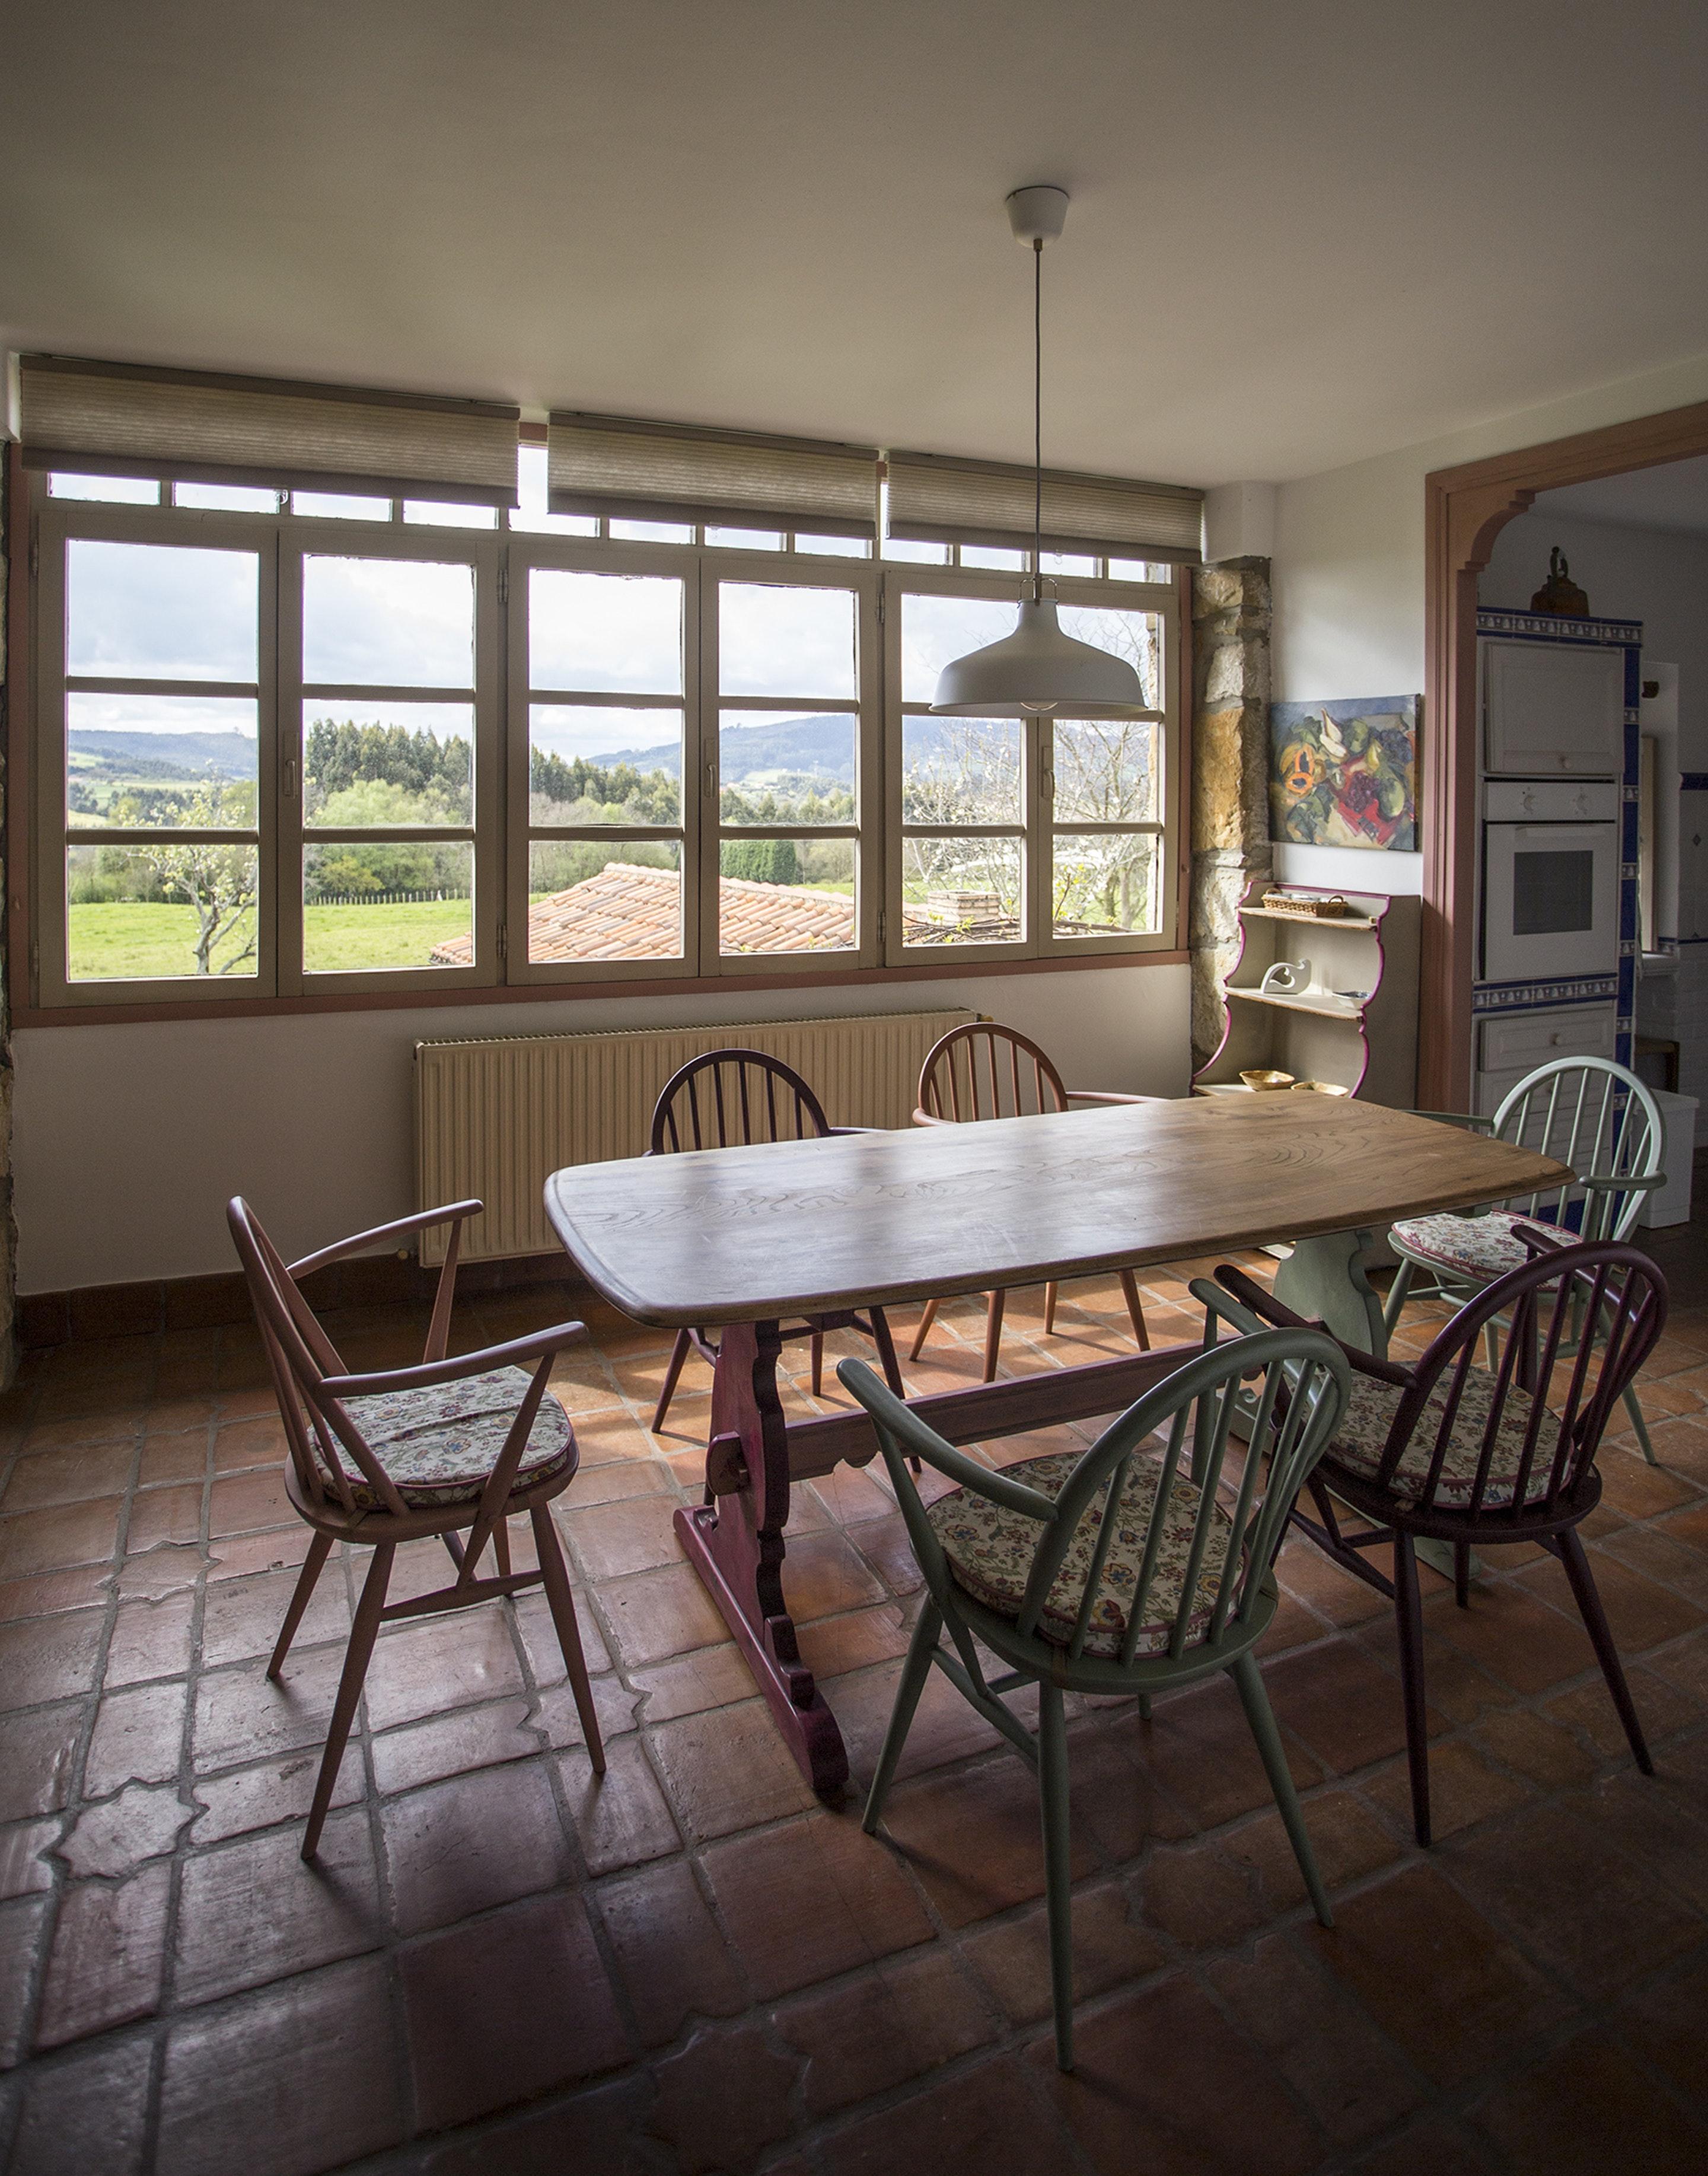 Ferienhaus Haus mit 7 Schlafzimmern in Villaviciosa mit toller Aussicht auf die Berge, eingezäuntem G (2239815), Villaverde, Costa Verde (ES), Asturien, Spanien, Bild 3